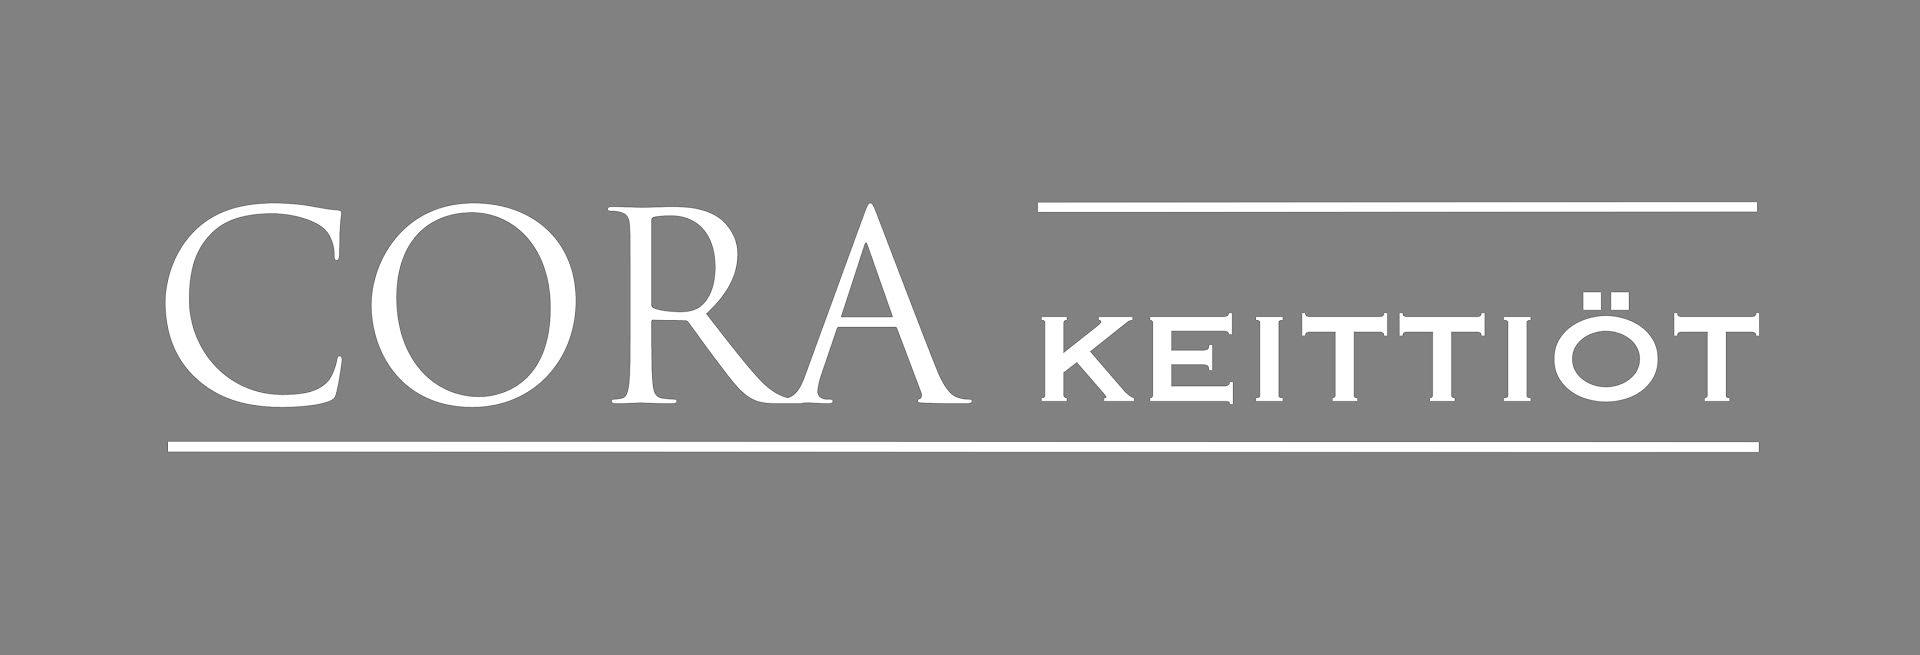 Cora Keittiöt